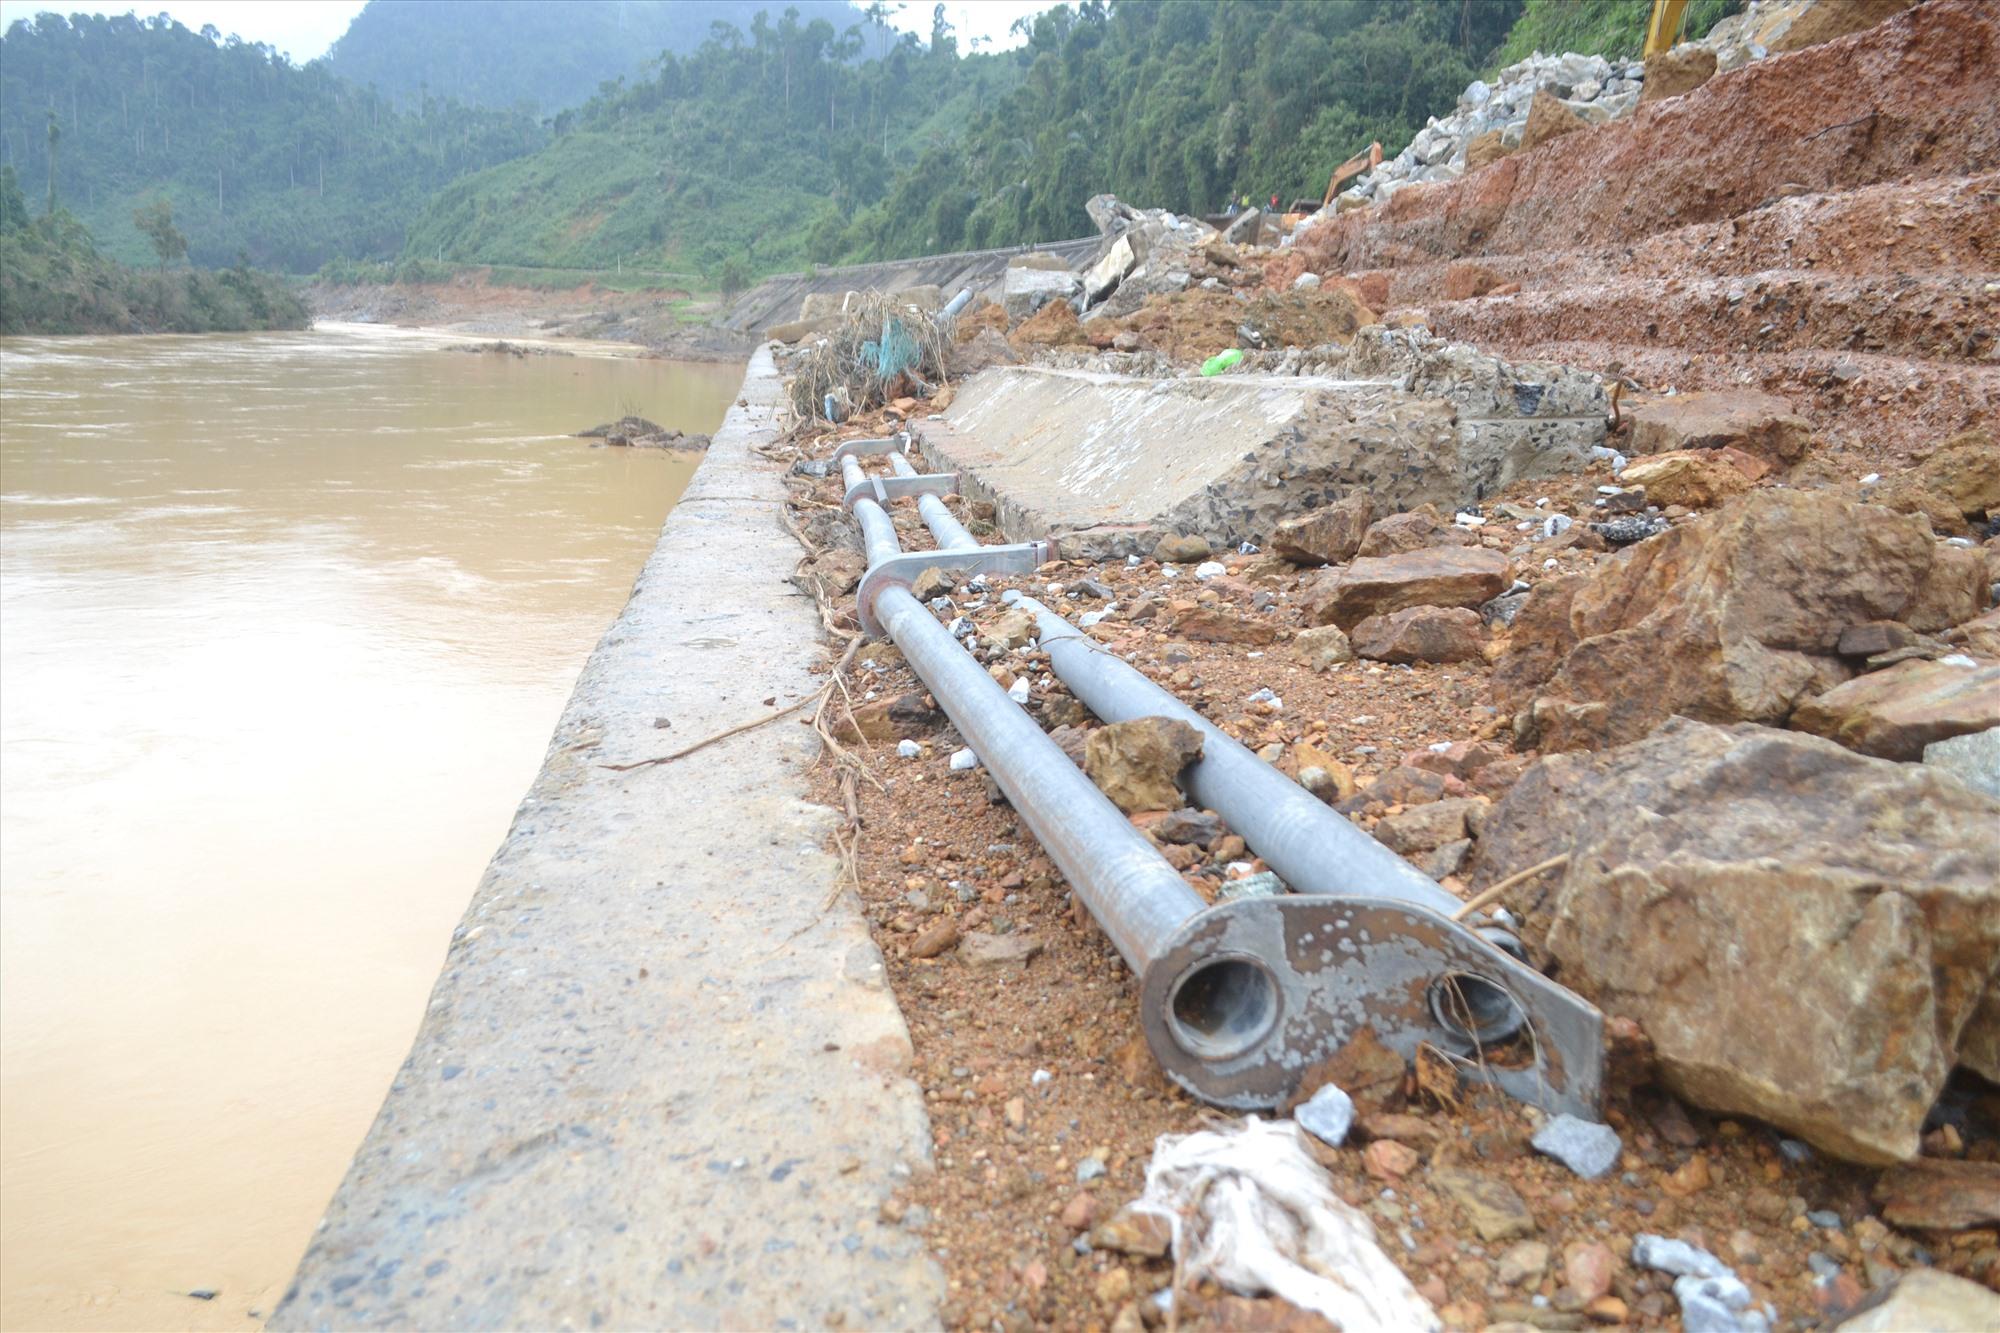 Kè mái taluy âm và lan can tường chắn lý trình km1353+800 - km1354+000, đường Hồ Chí Minh bị xói lở nặng nề. Ảnh: CT